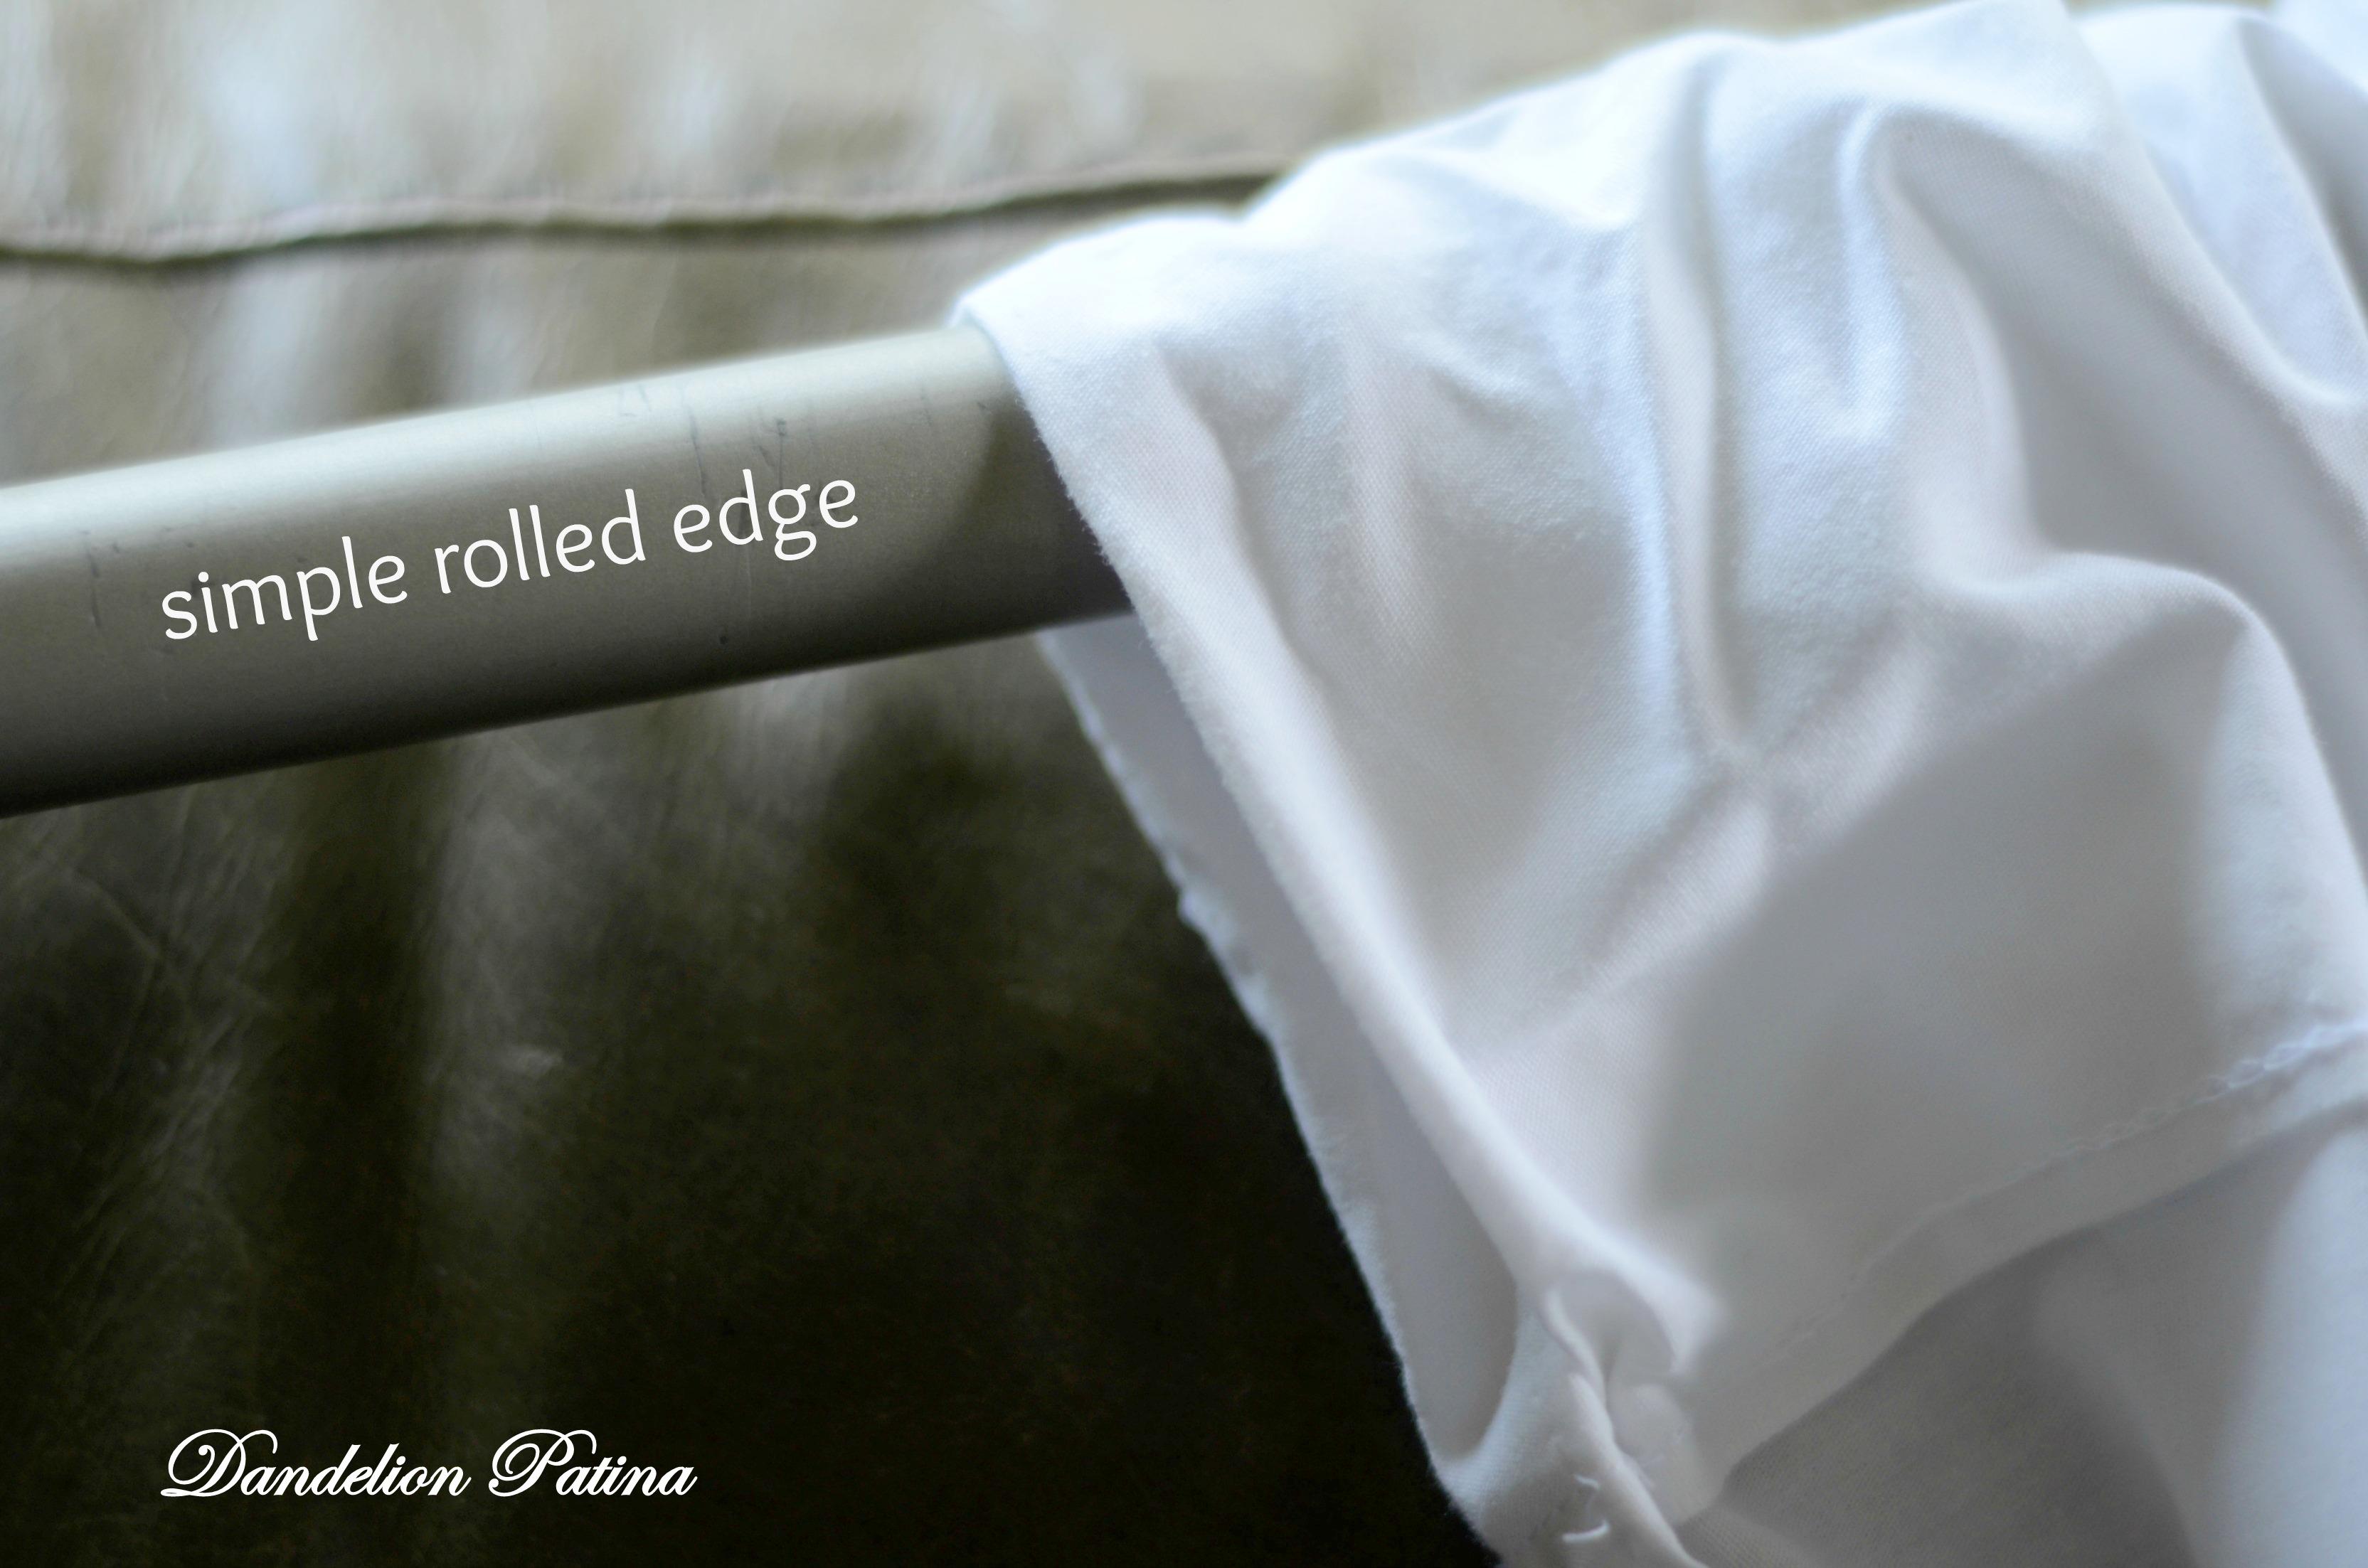 dandelion patina diy white sheet curtains